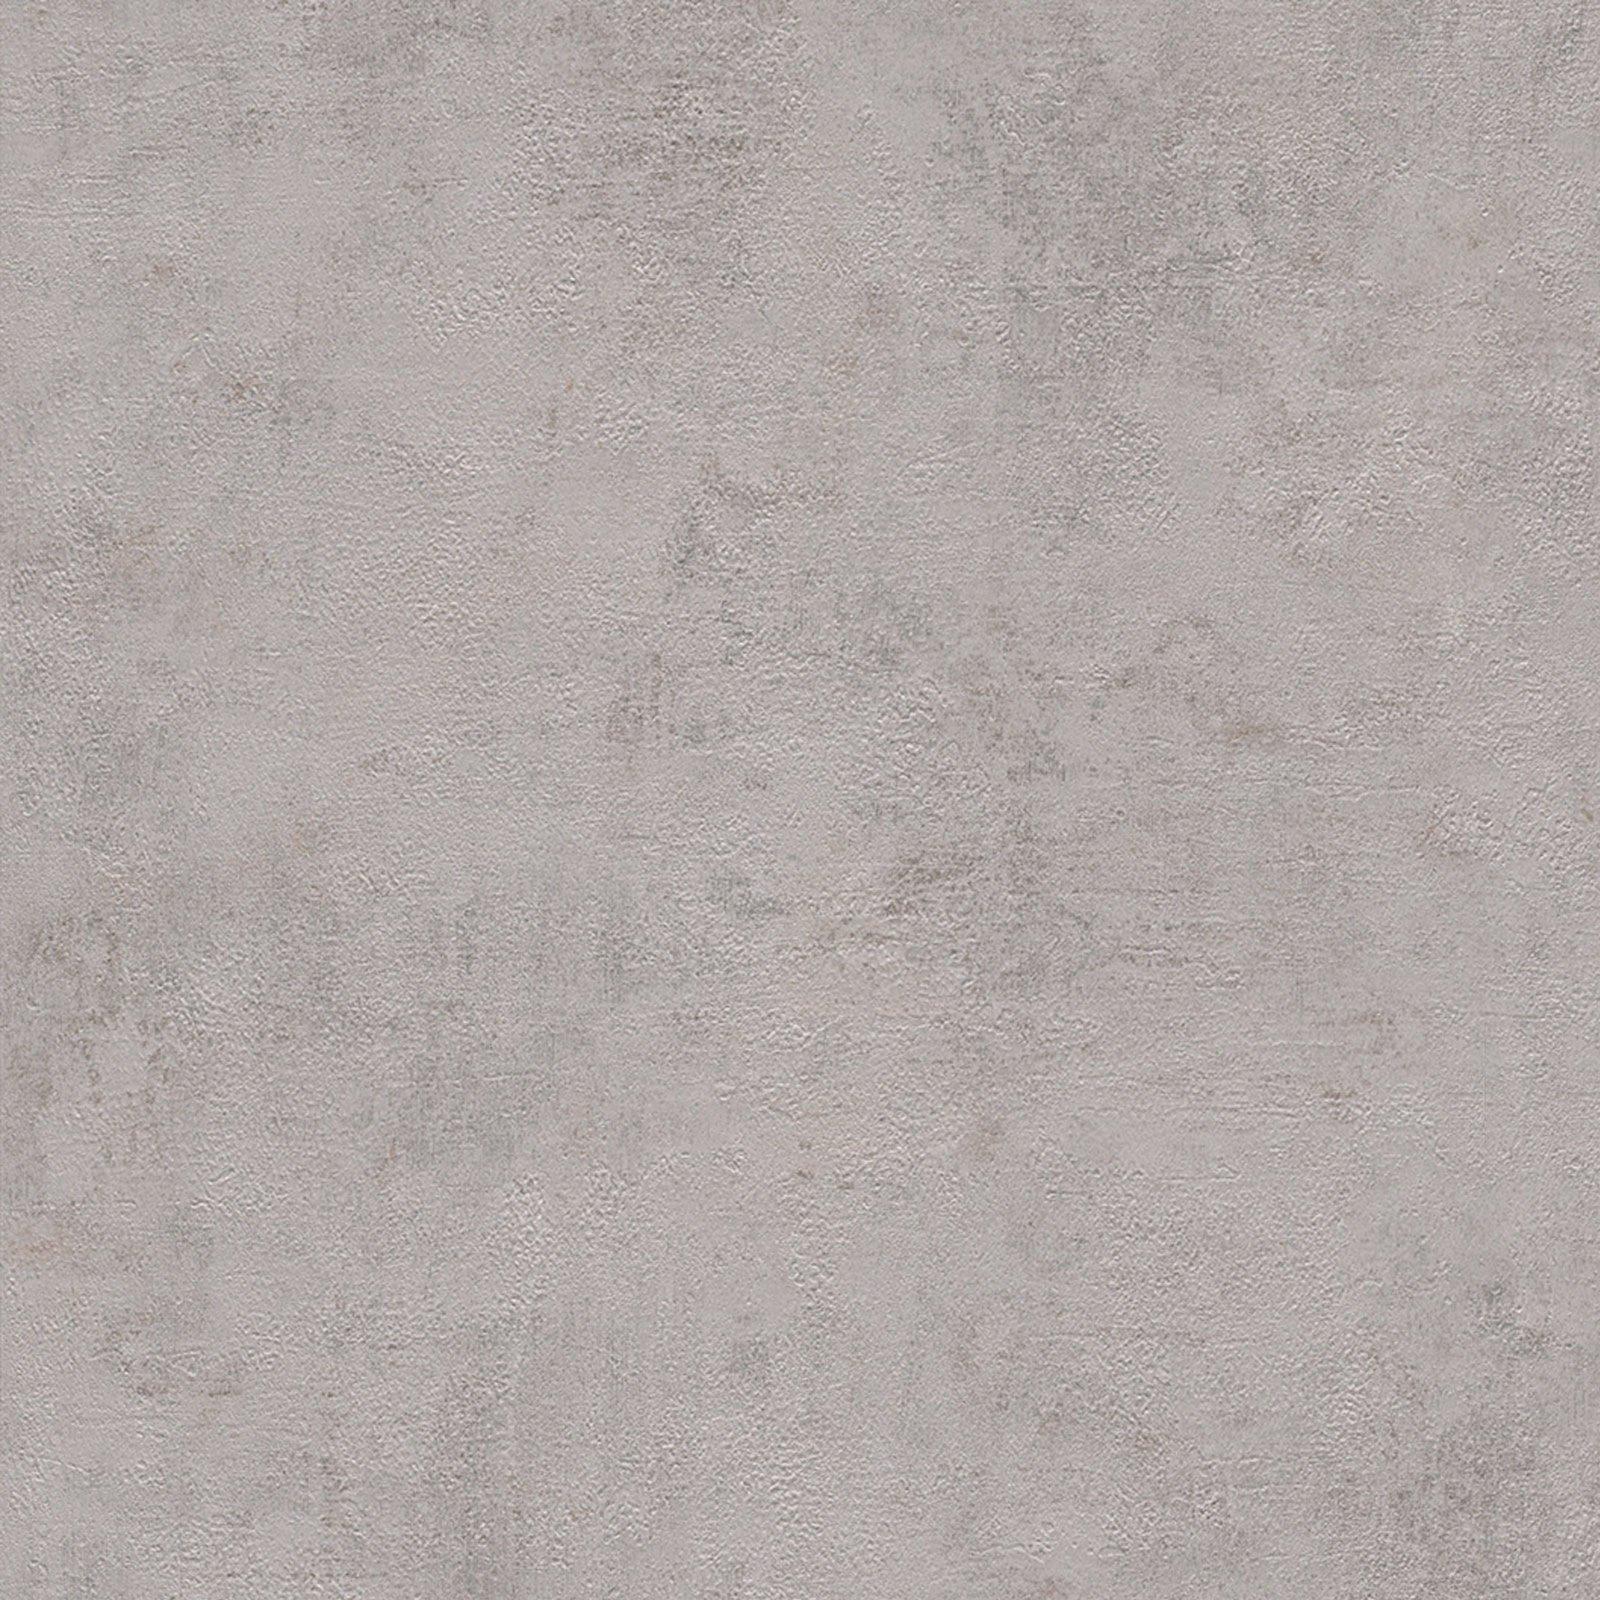 Papiertapete - Uni - grau - 10 Meter